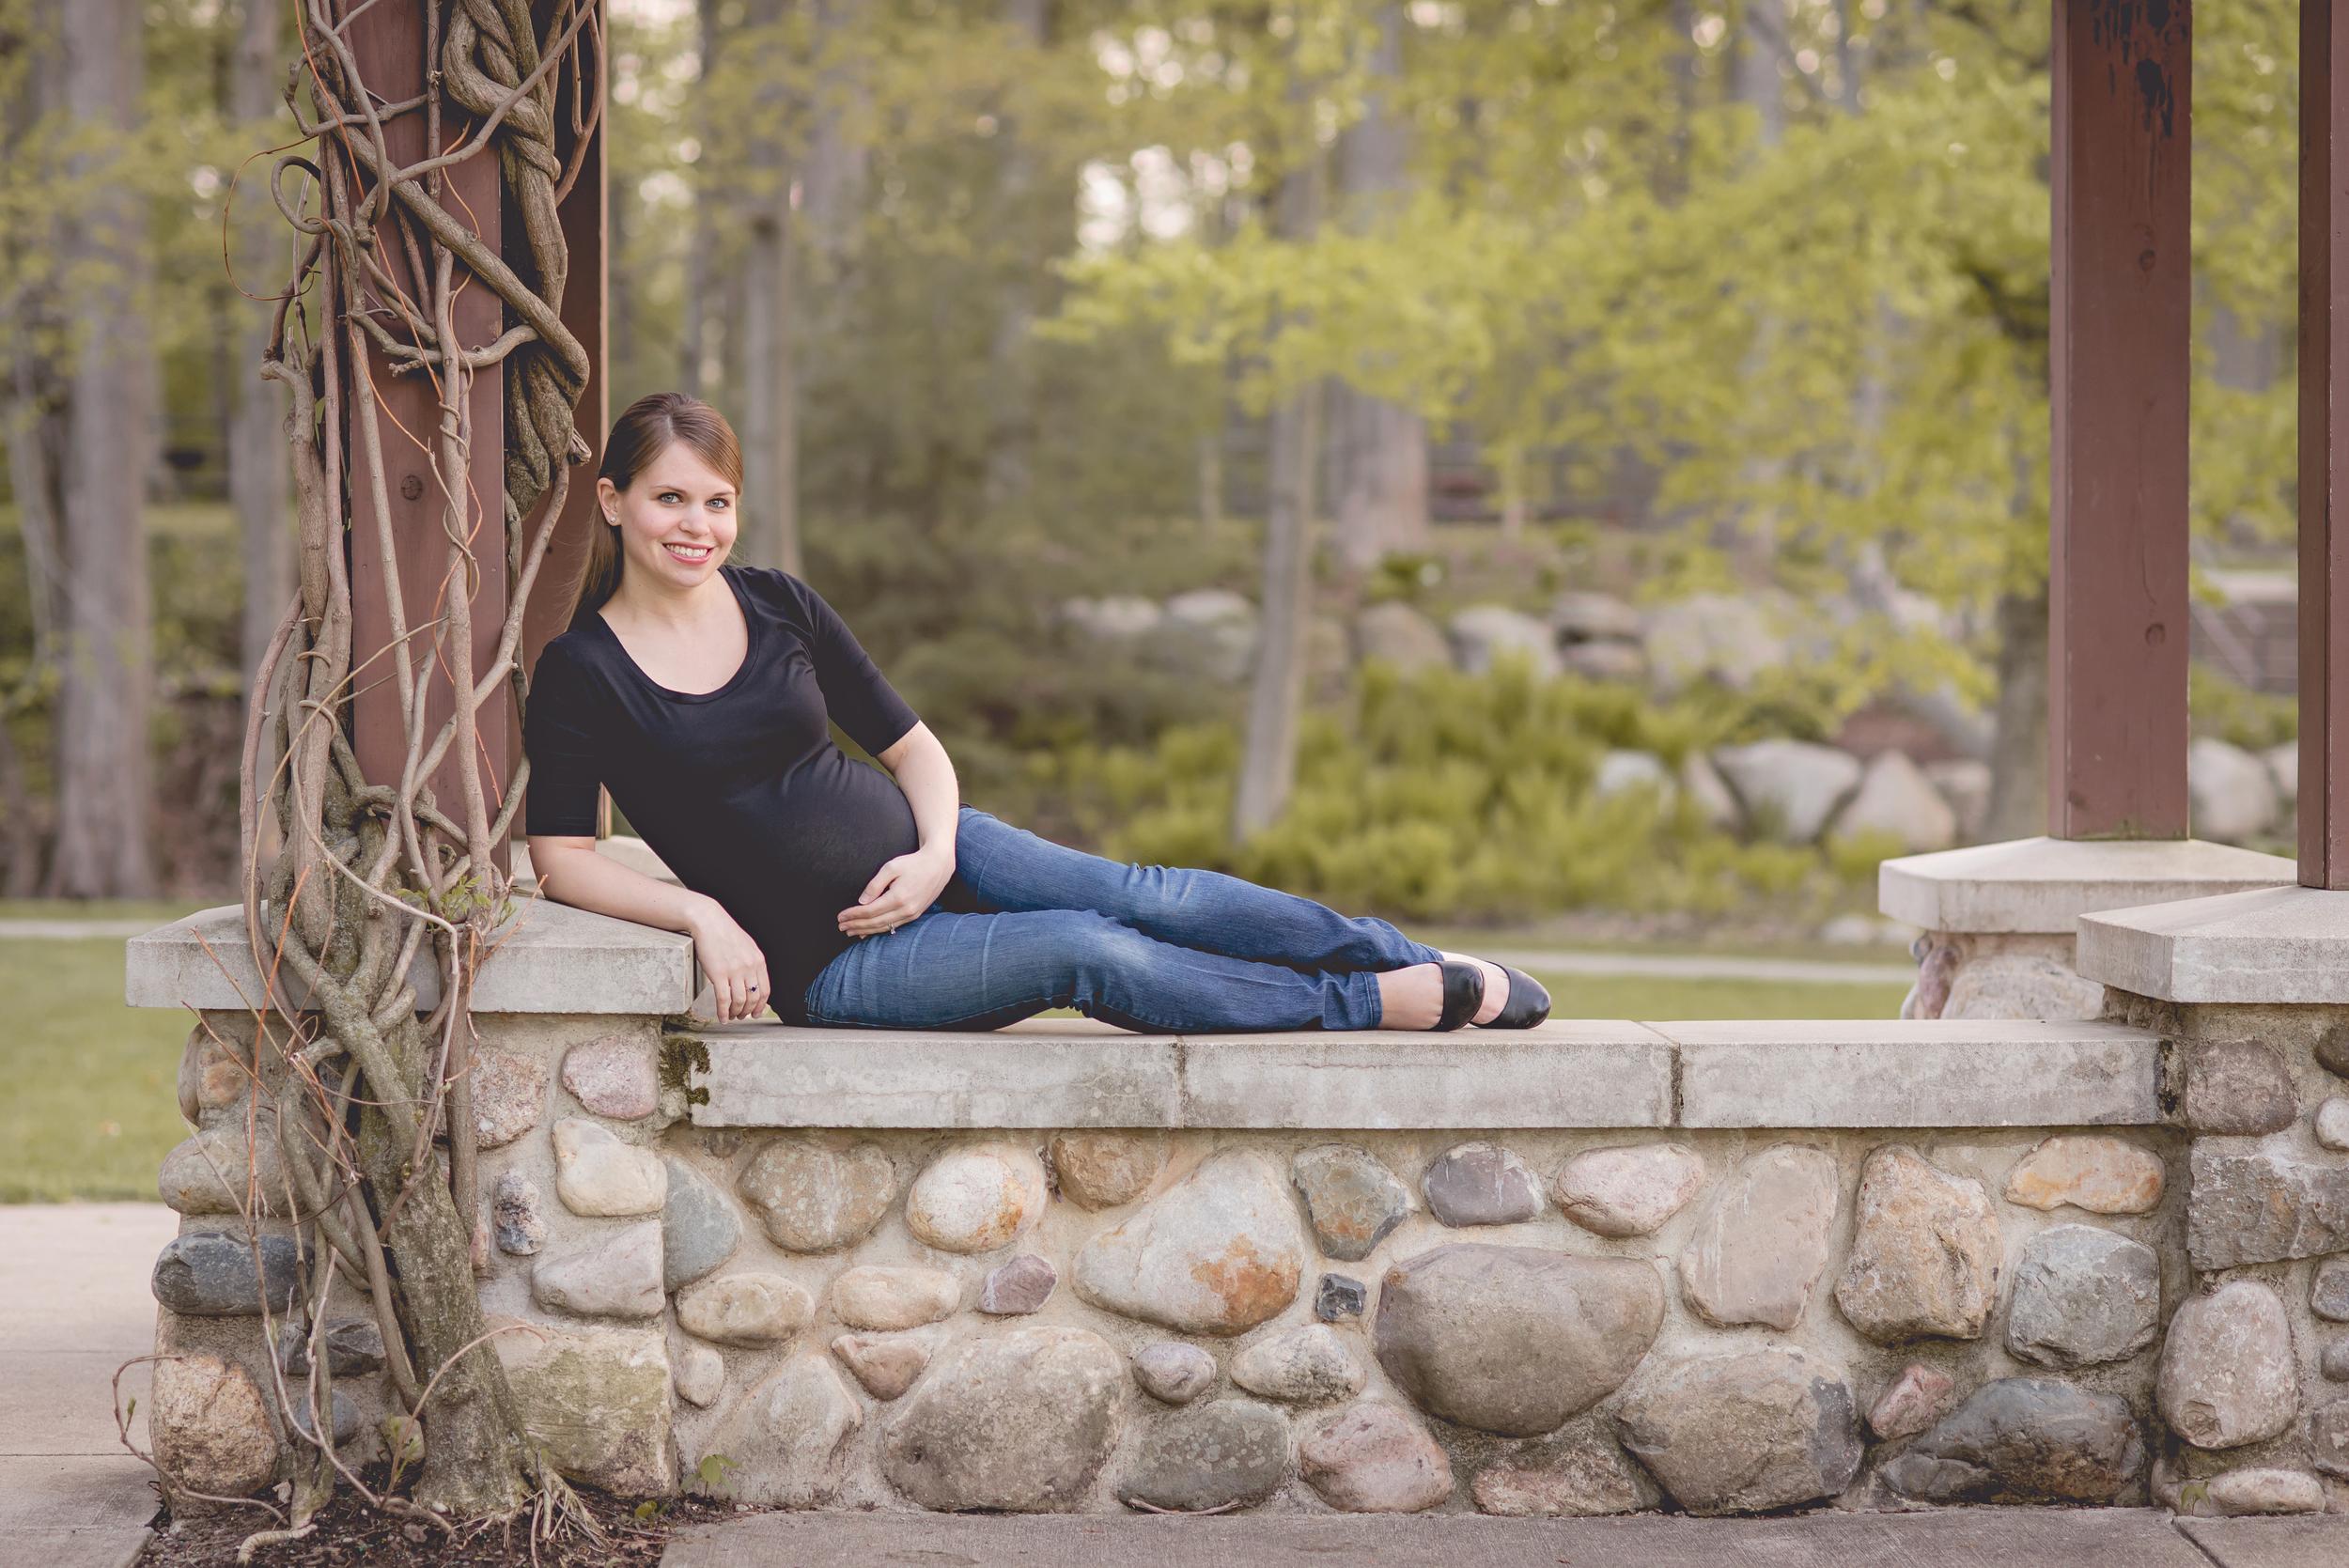 Megan_051714_8484 CMPRO.jpg